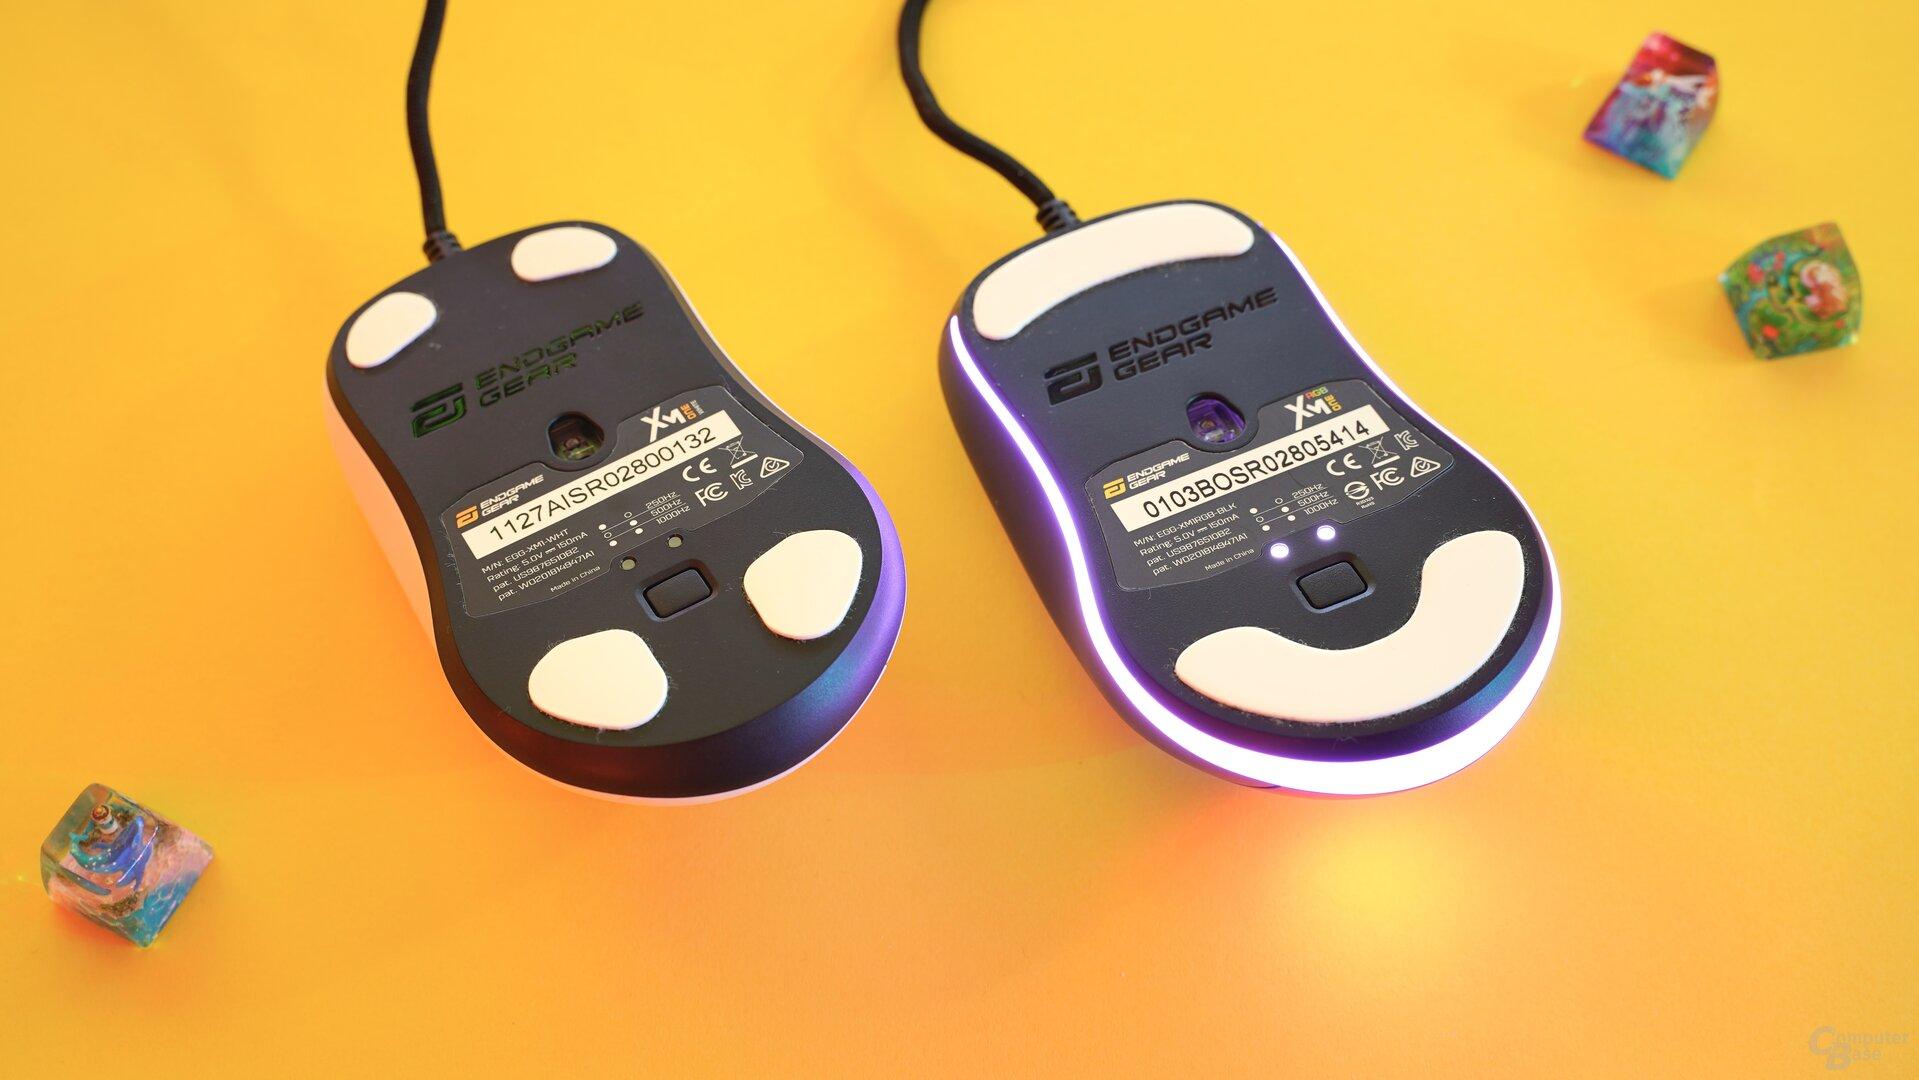 Endgame Gear XM1 & XM1 RGB